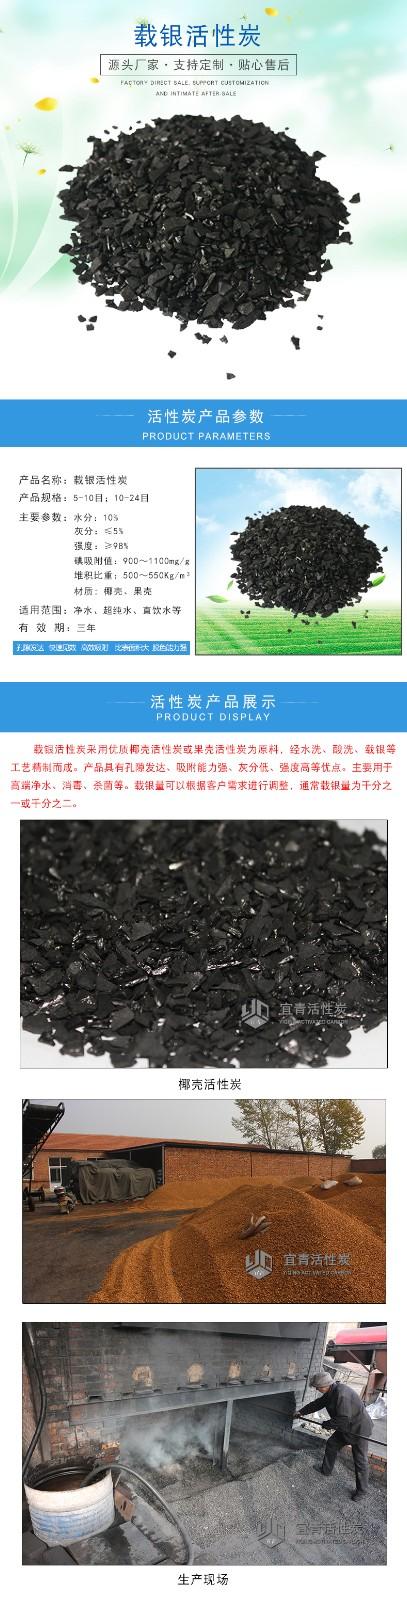 載銀活性炭